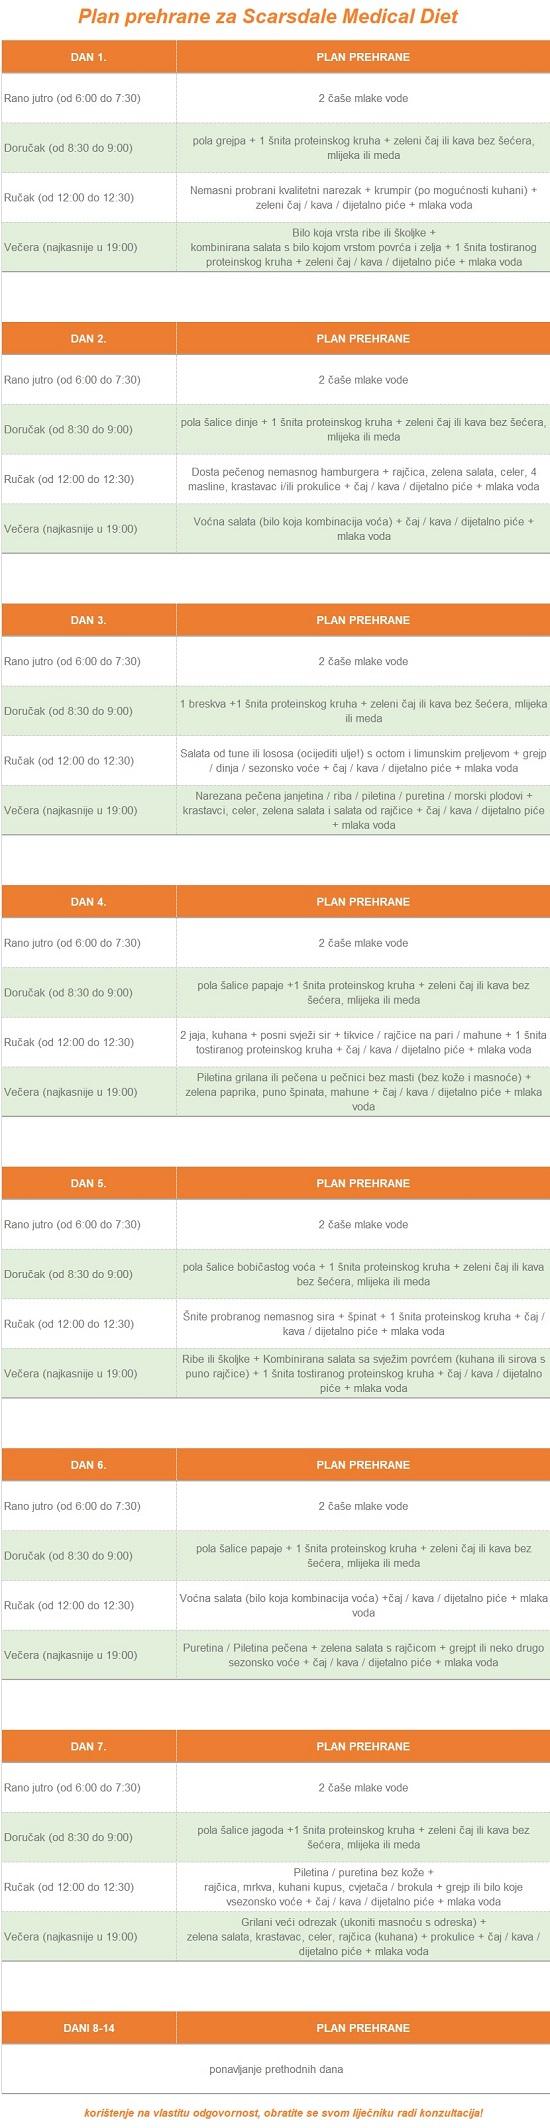 plan prehrane po danima za plan prehrane po danima za Scarsdale bolnička dijeta